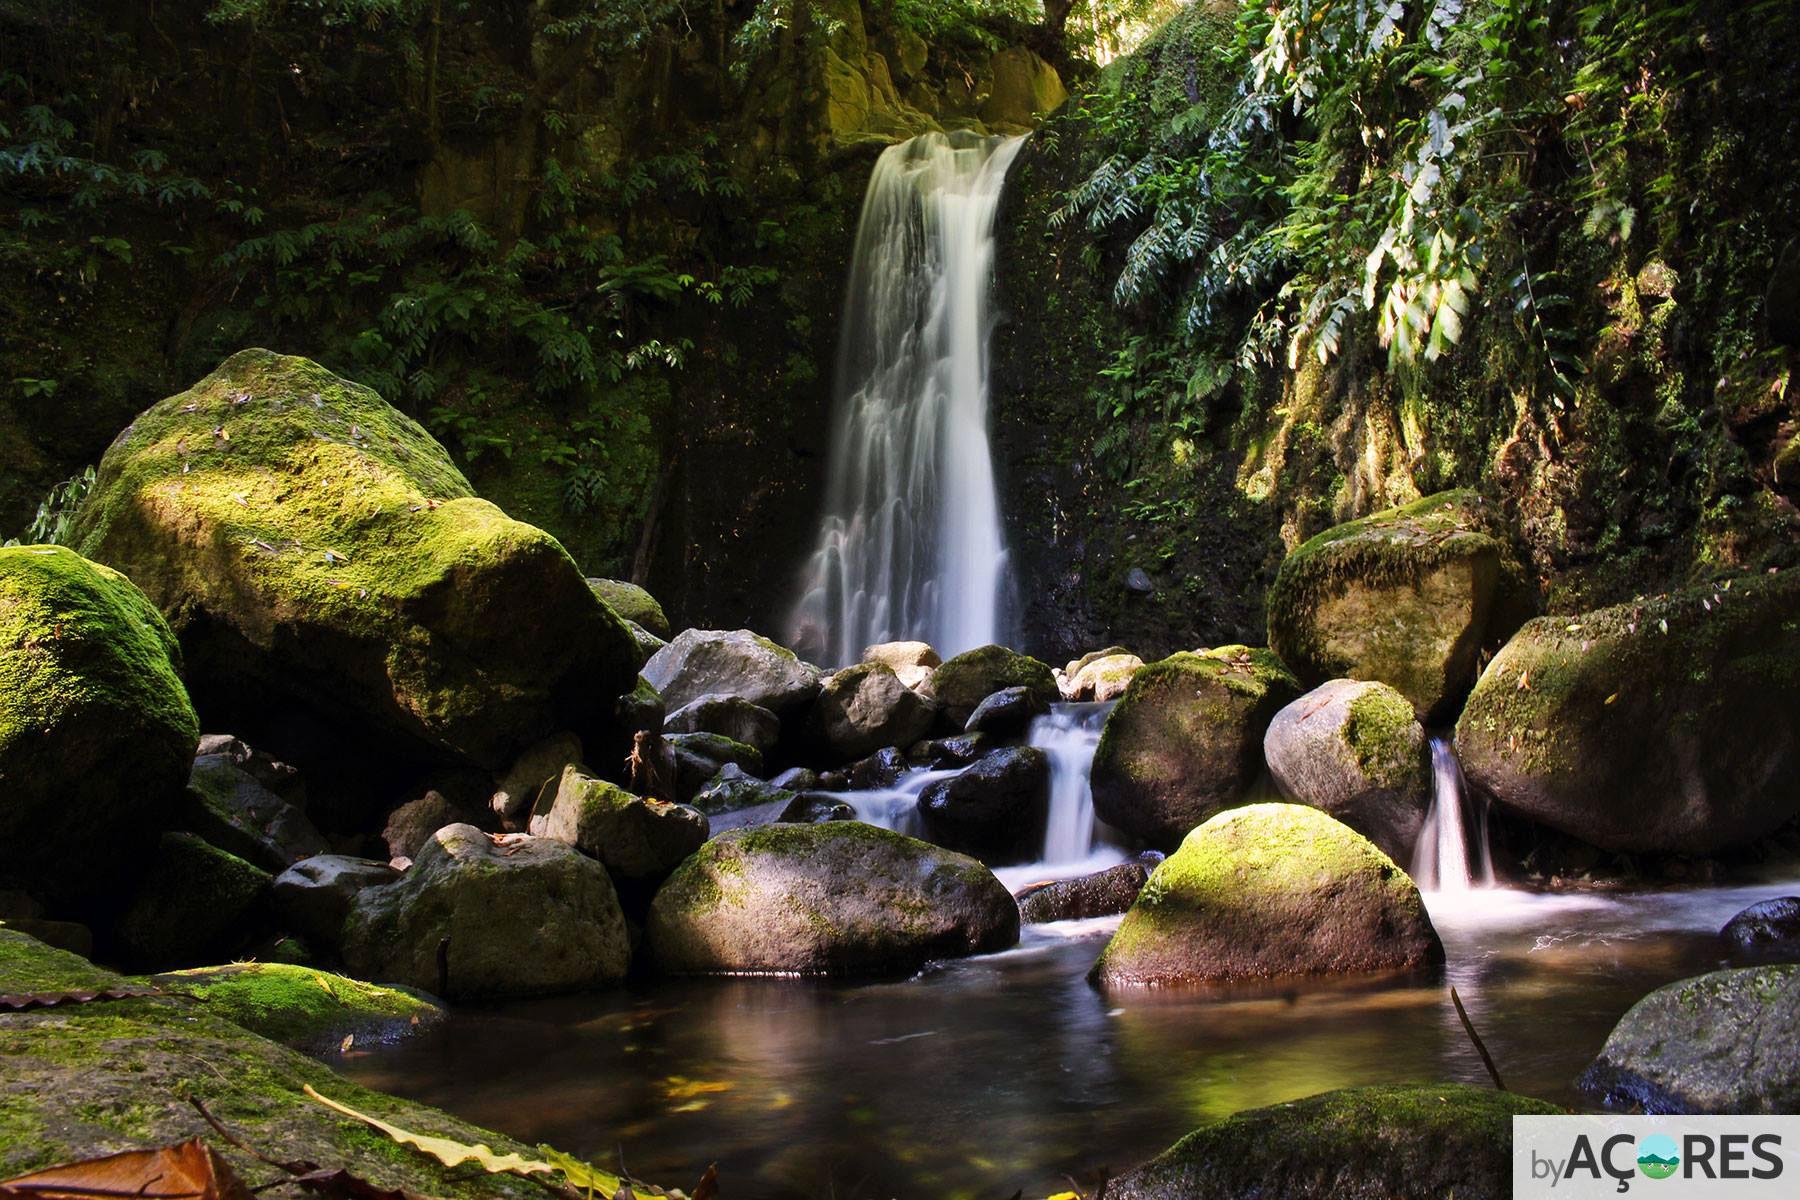 Salto do Prego - Sanguinho - Faial da Terra, São Miguel, Açores